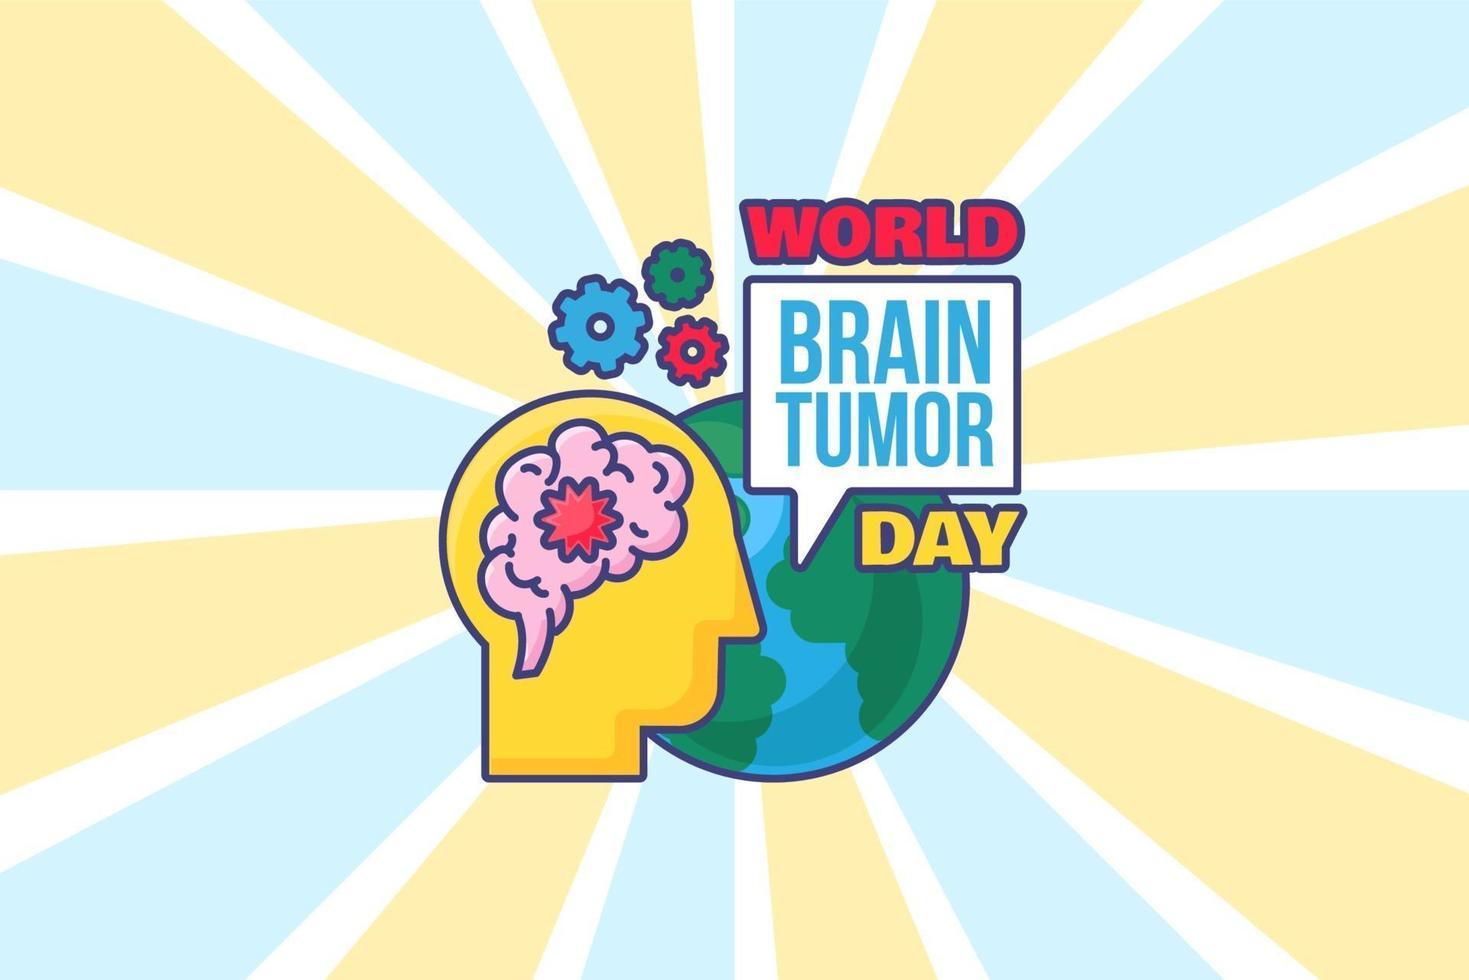 värld hjärntumör dag bakgrund för affisch, kort vektor